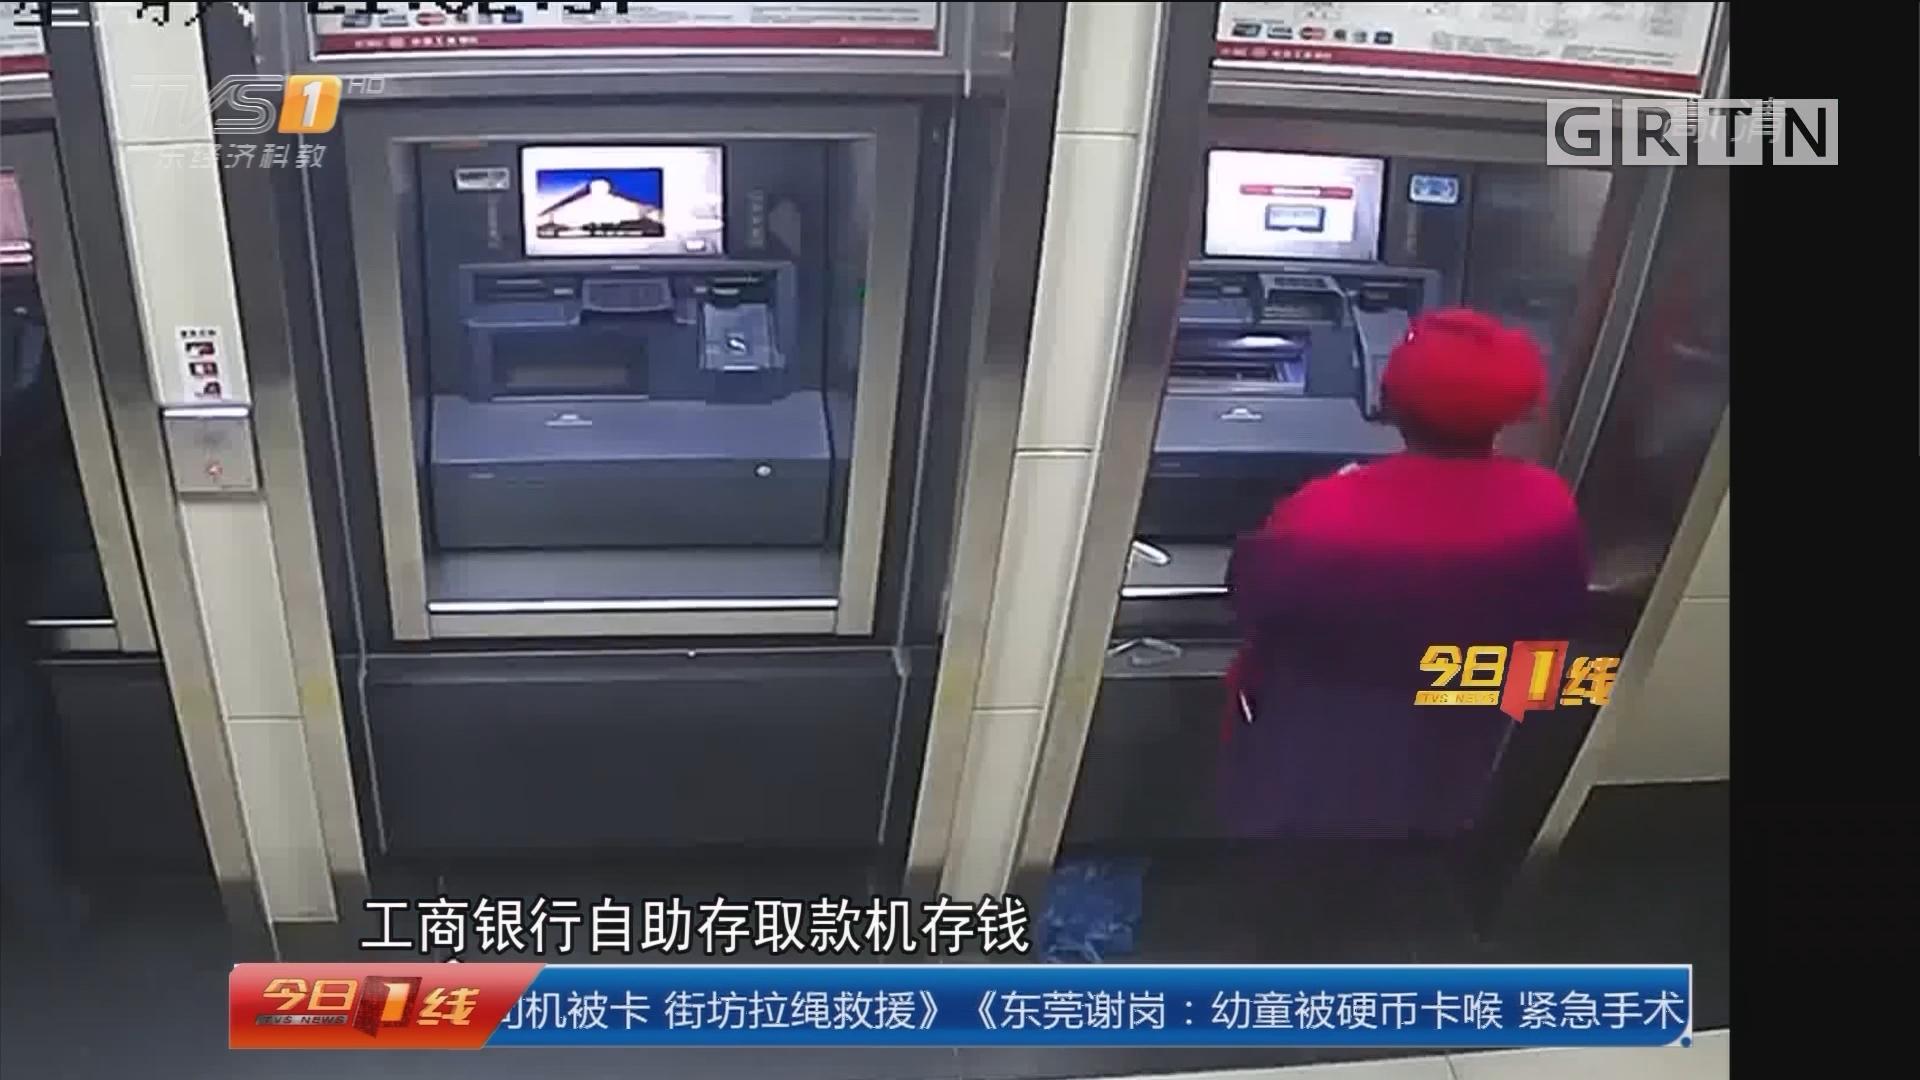 广东肇庆:自助机现大额现金 报警!